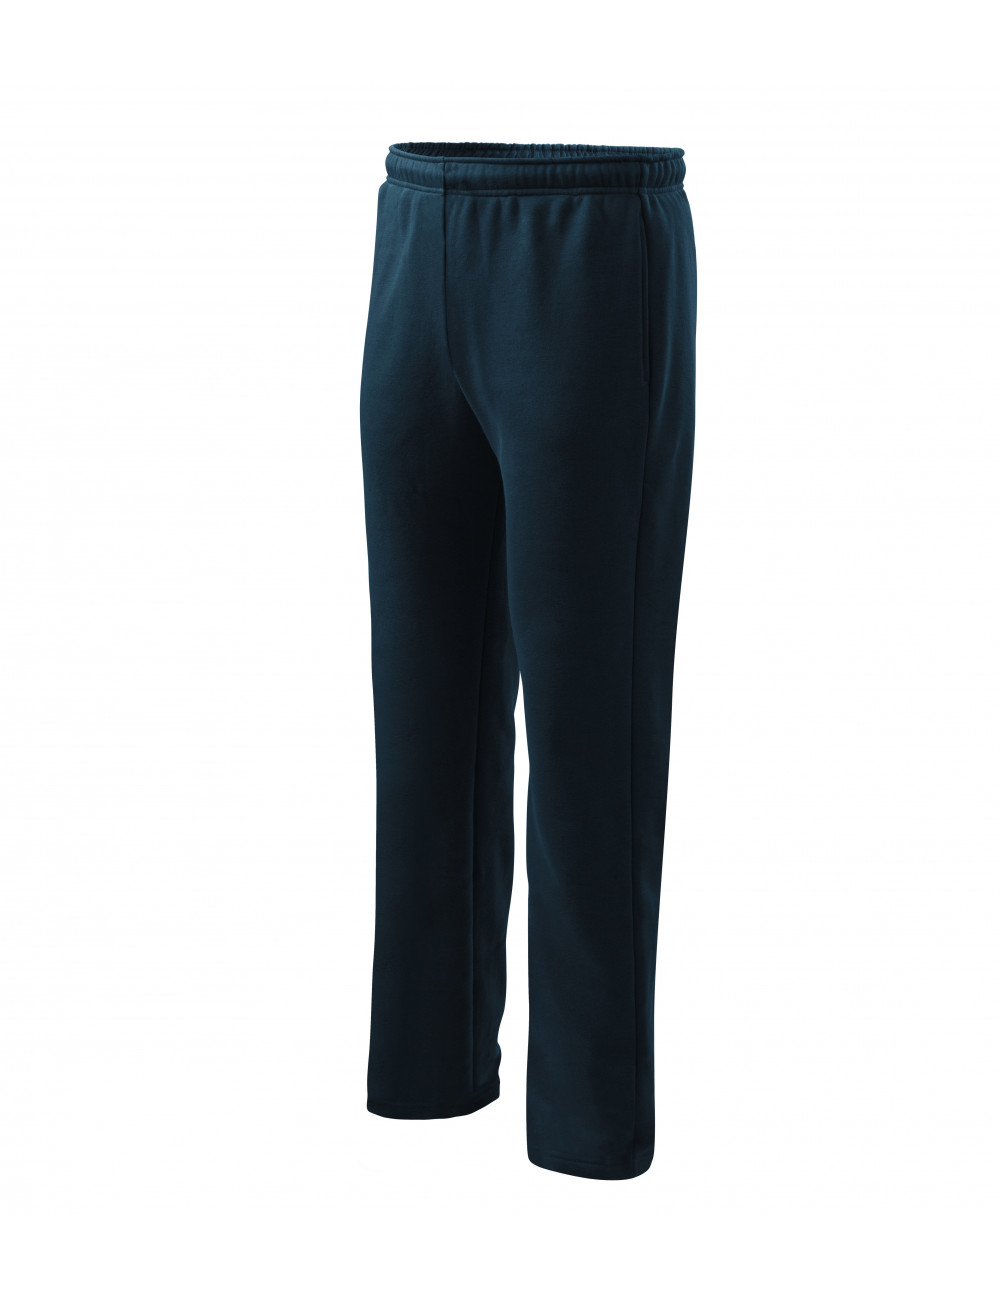 Adler MALFINI Spodnie dresowe męskie/dziecięce Comfort 607 granatowy